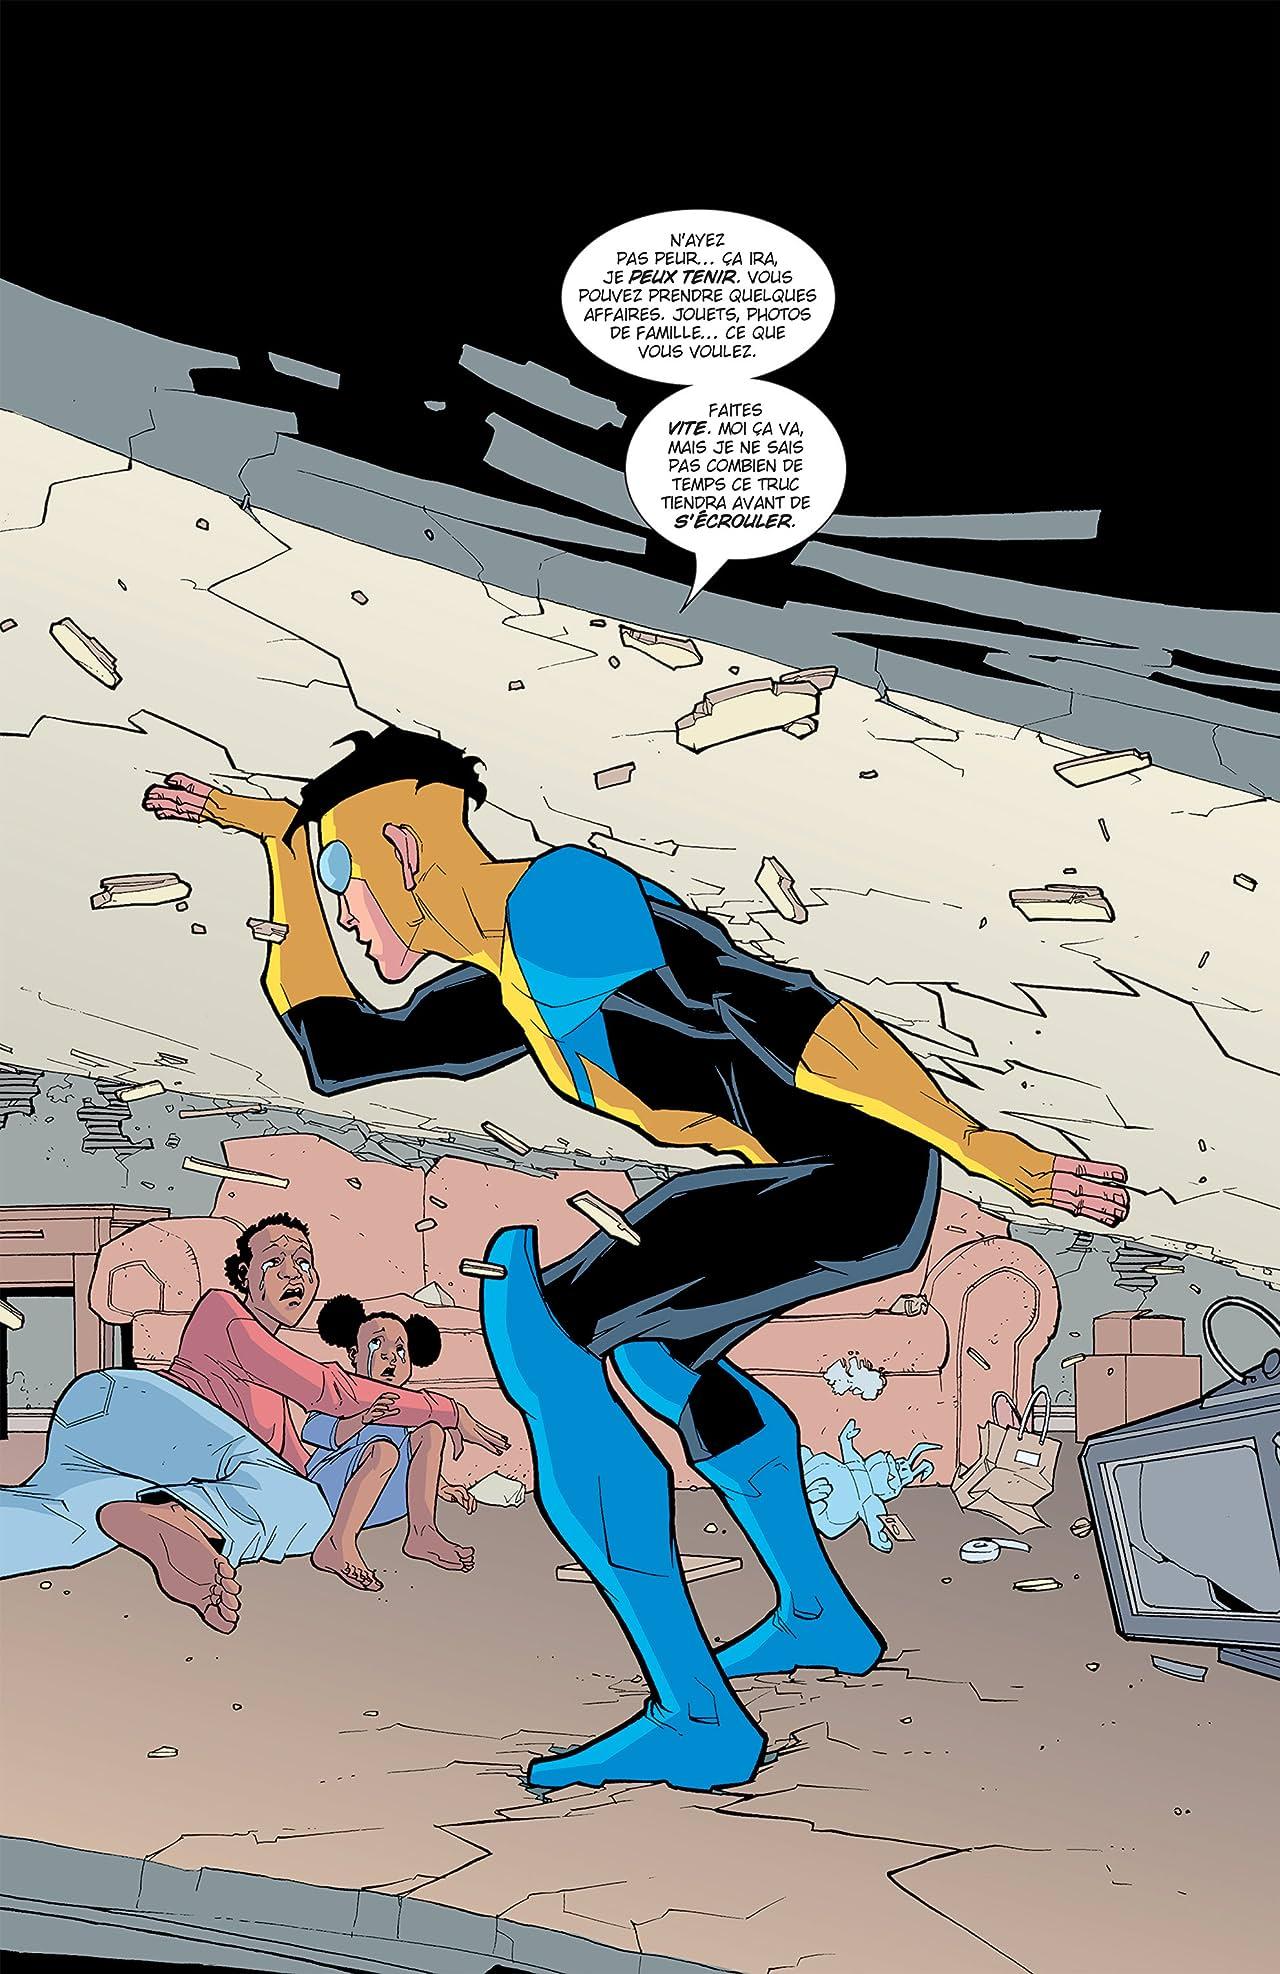 Invincible Vol. 4: Super-héros un jour...